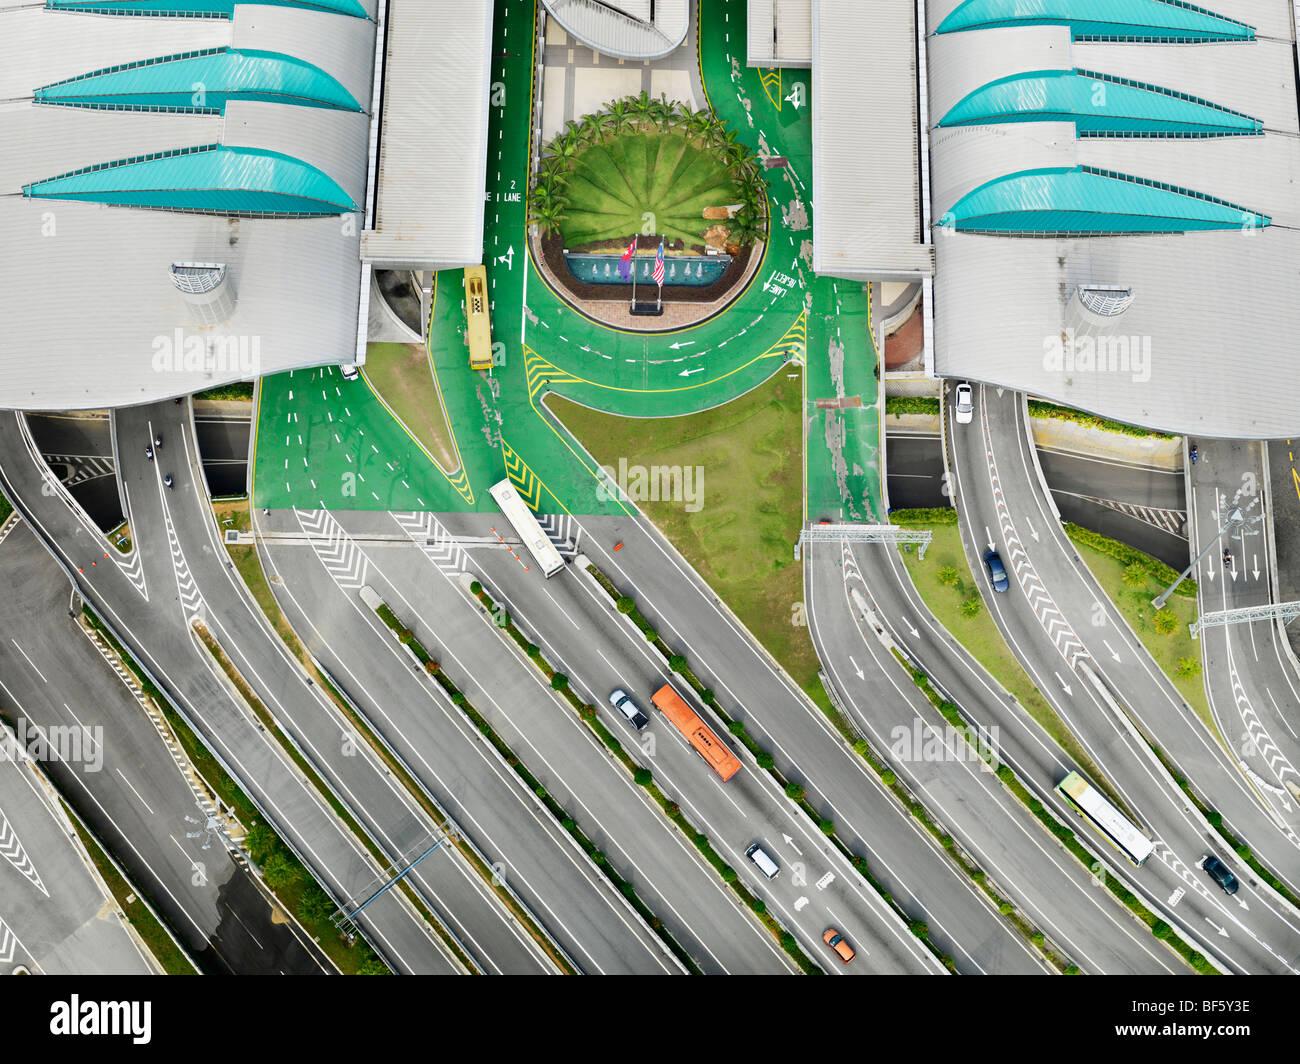 Una veduta aerea di più strade che conducono in un grande complesso. Immagini Stock